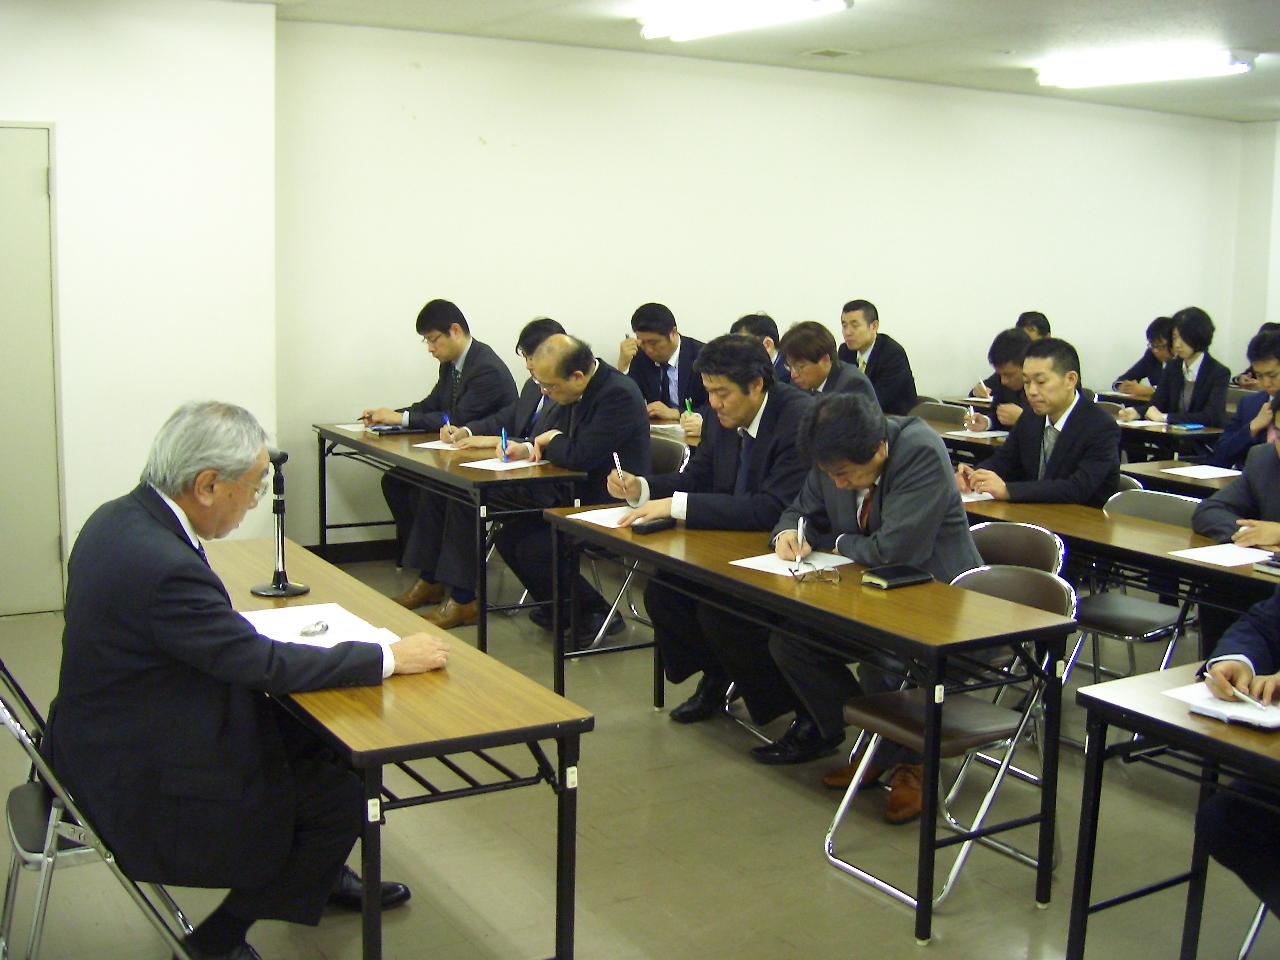 平成28年度「期中進捗会議」が開催されました。